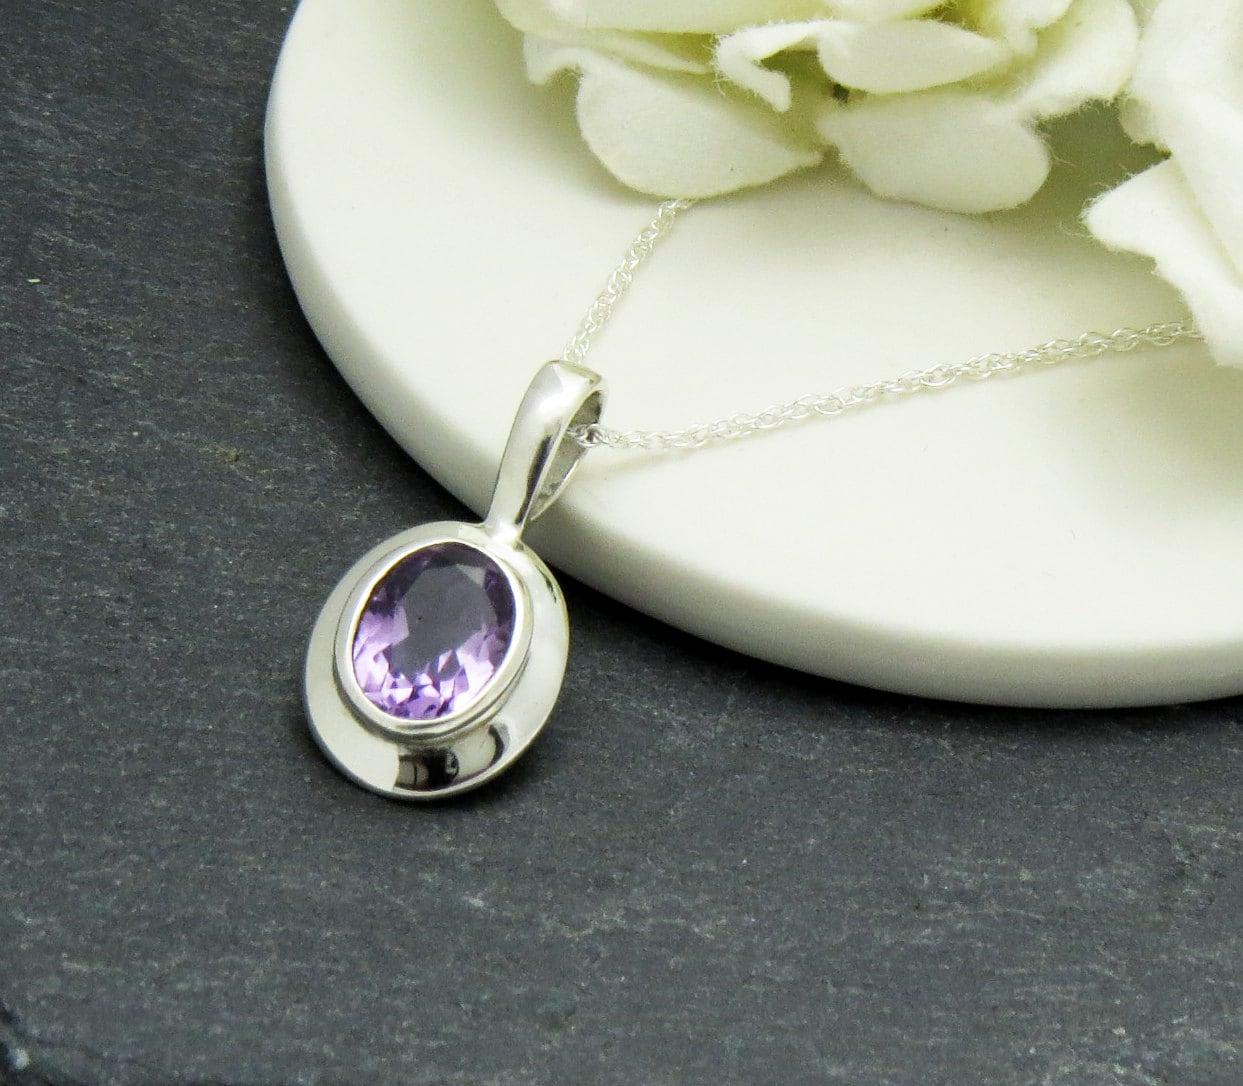 Amethyst Gemstone Necklace Amethyst Birthstone Necklace Amethyst Pendant Amethyst Gift for Mother Amethyst Jewelry February Birthstone